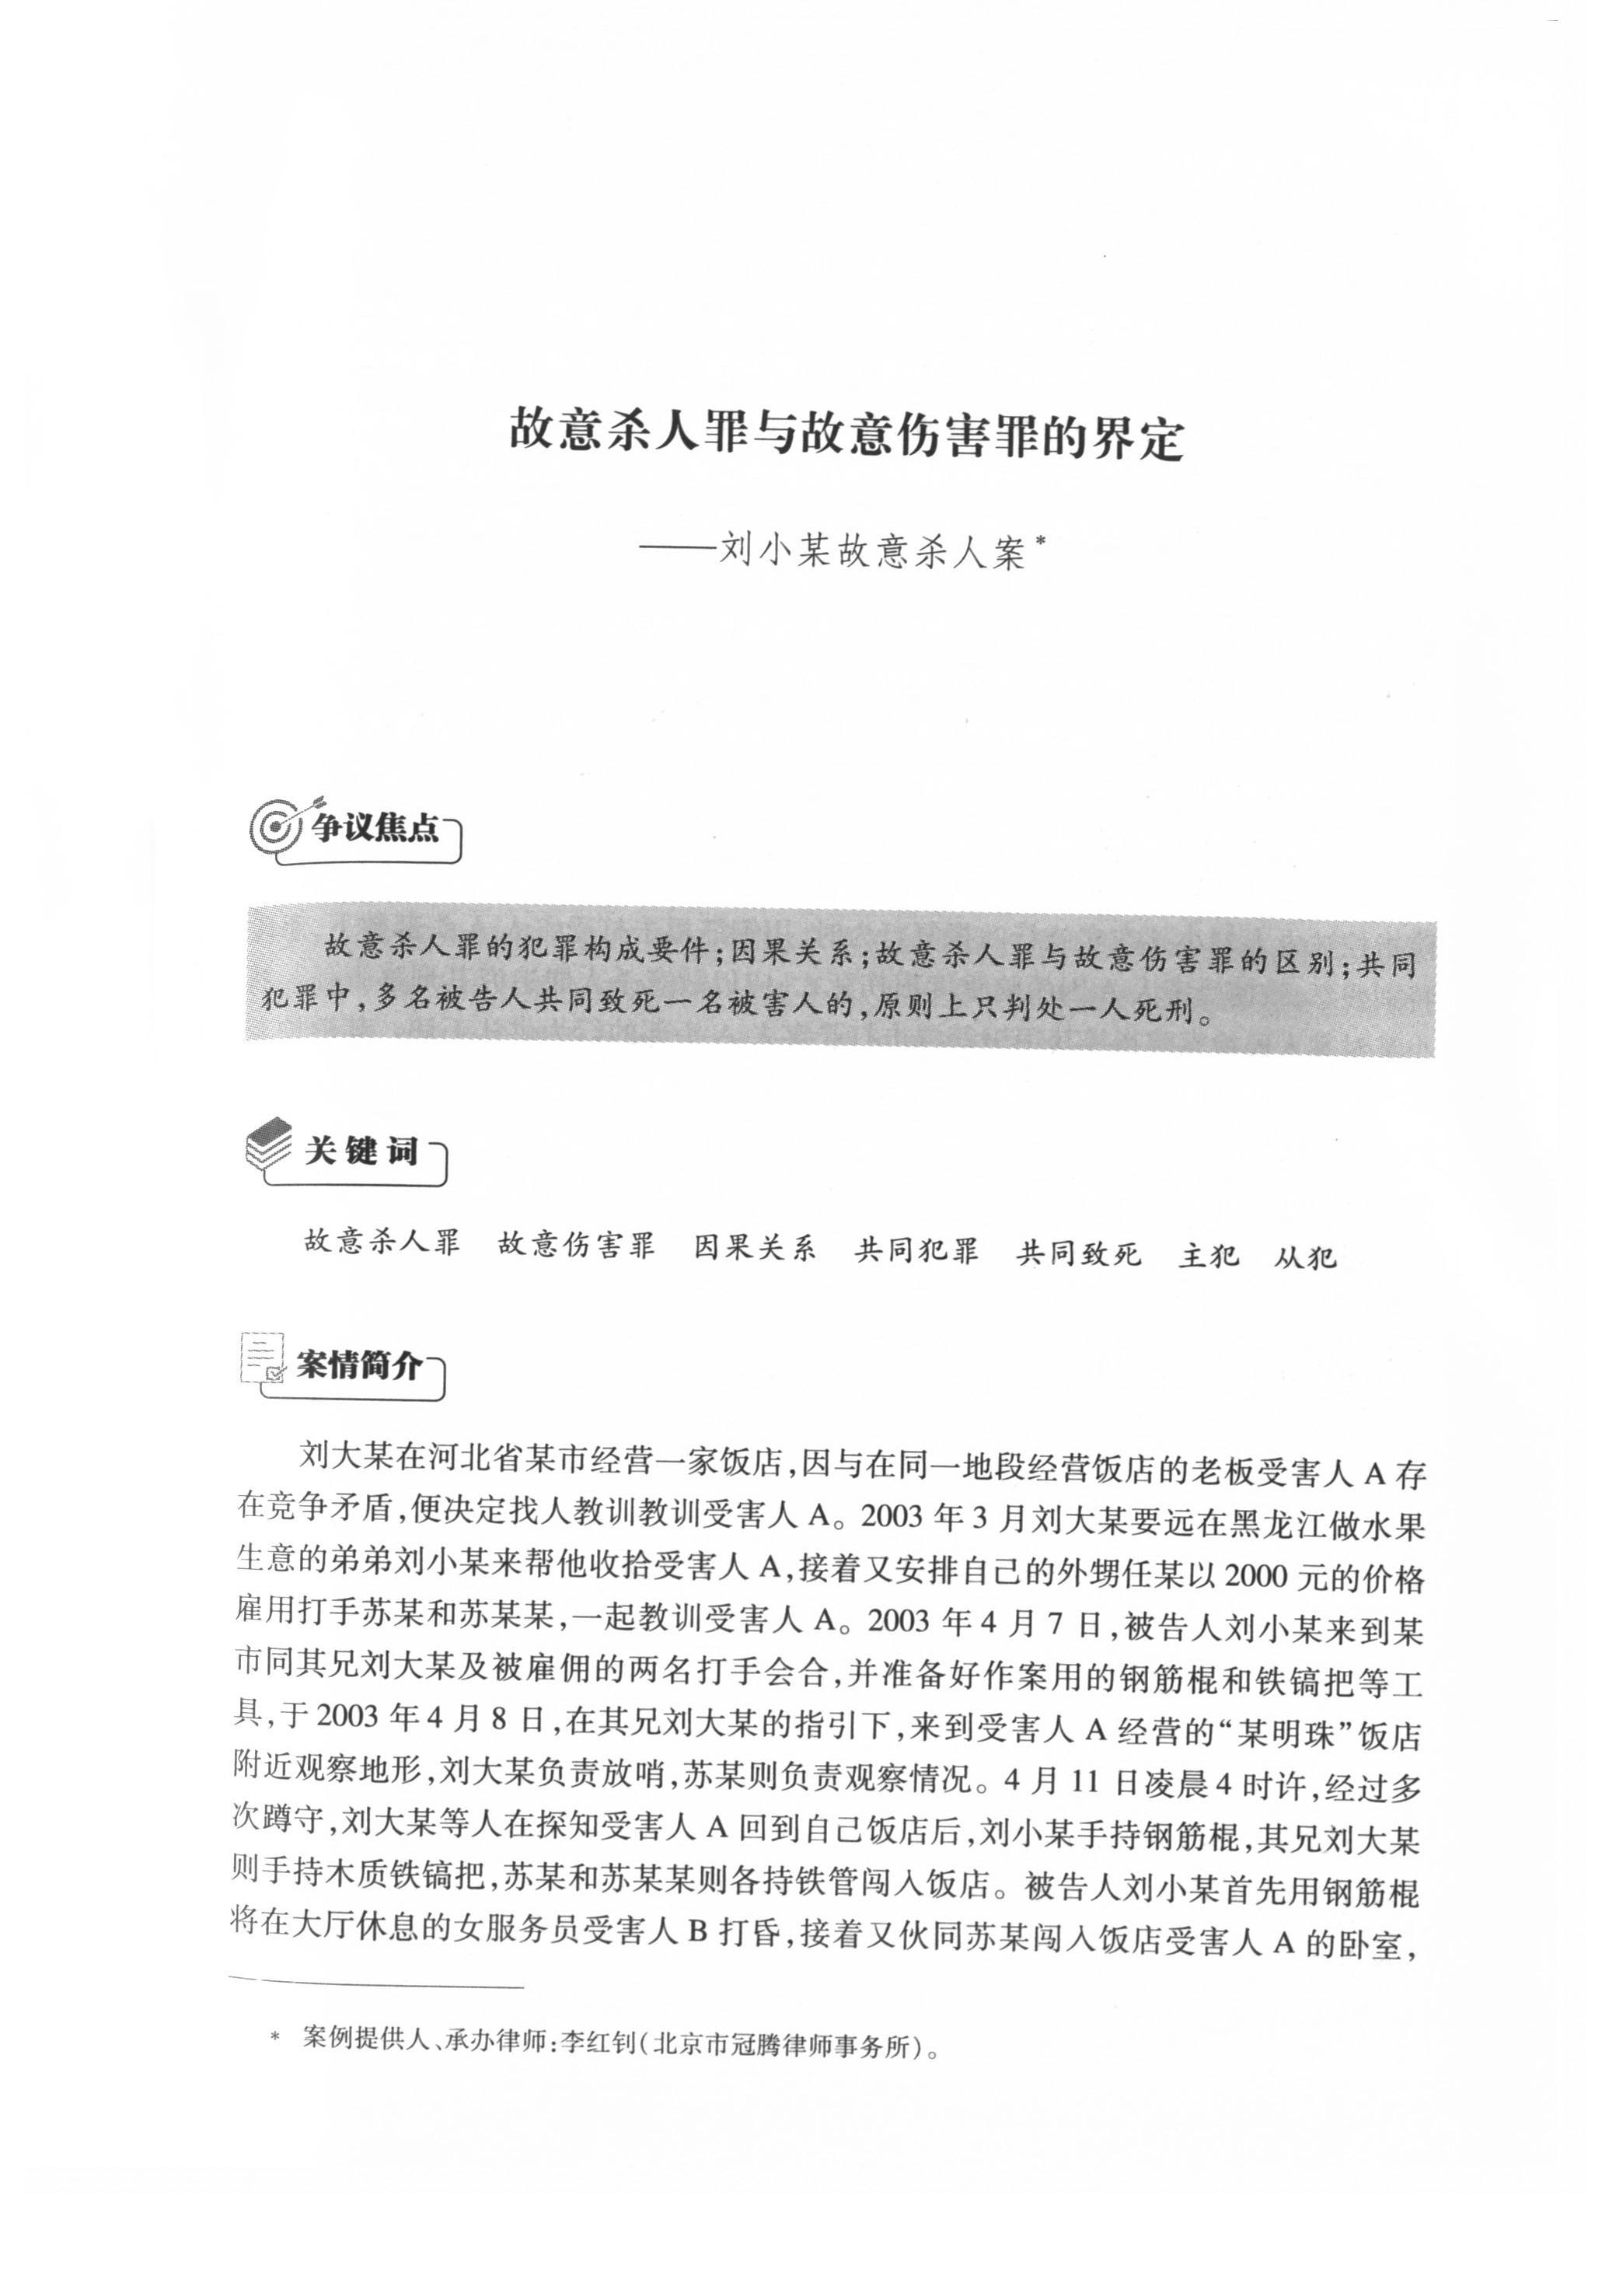 刘小某故意杀人案成功改判(图2)